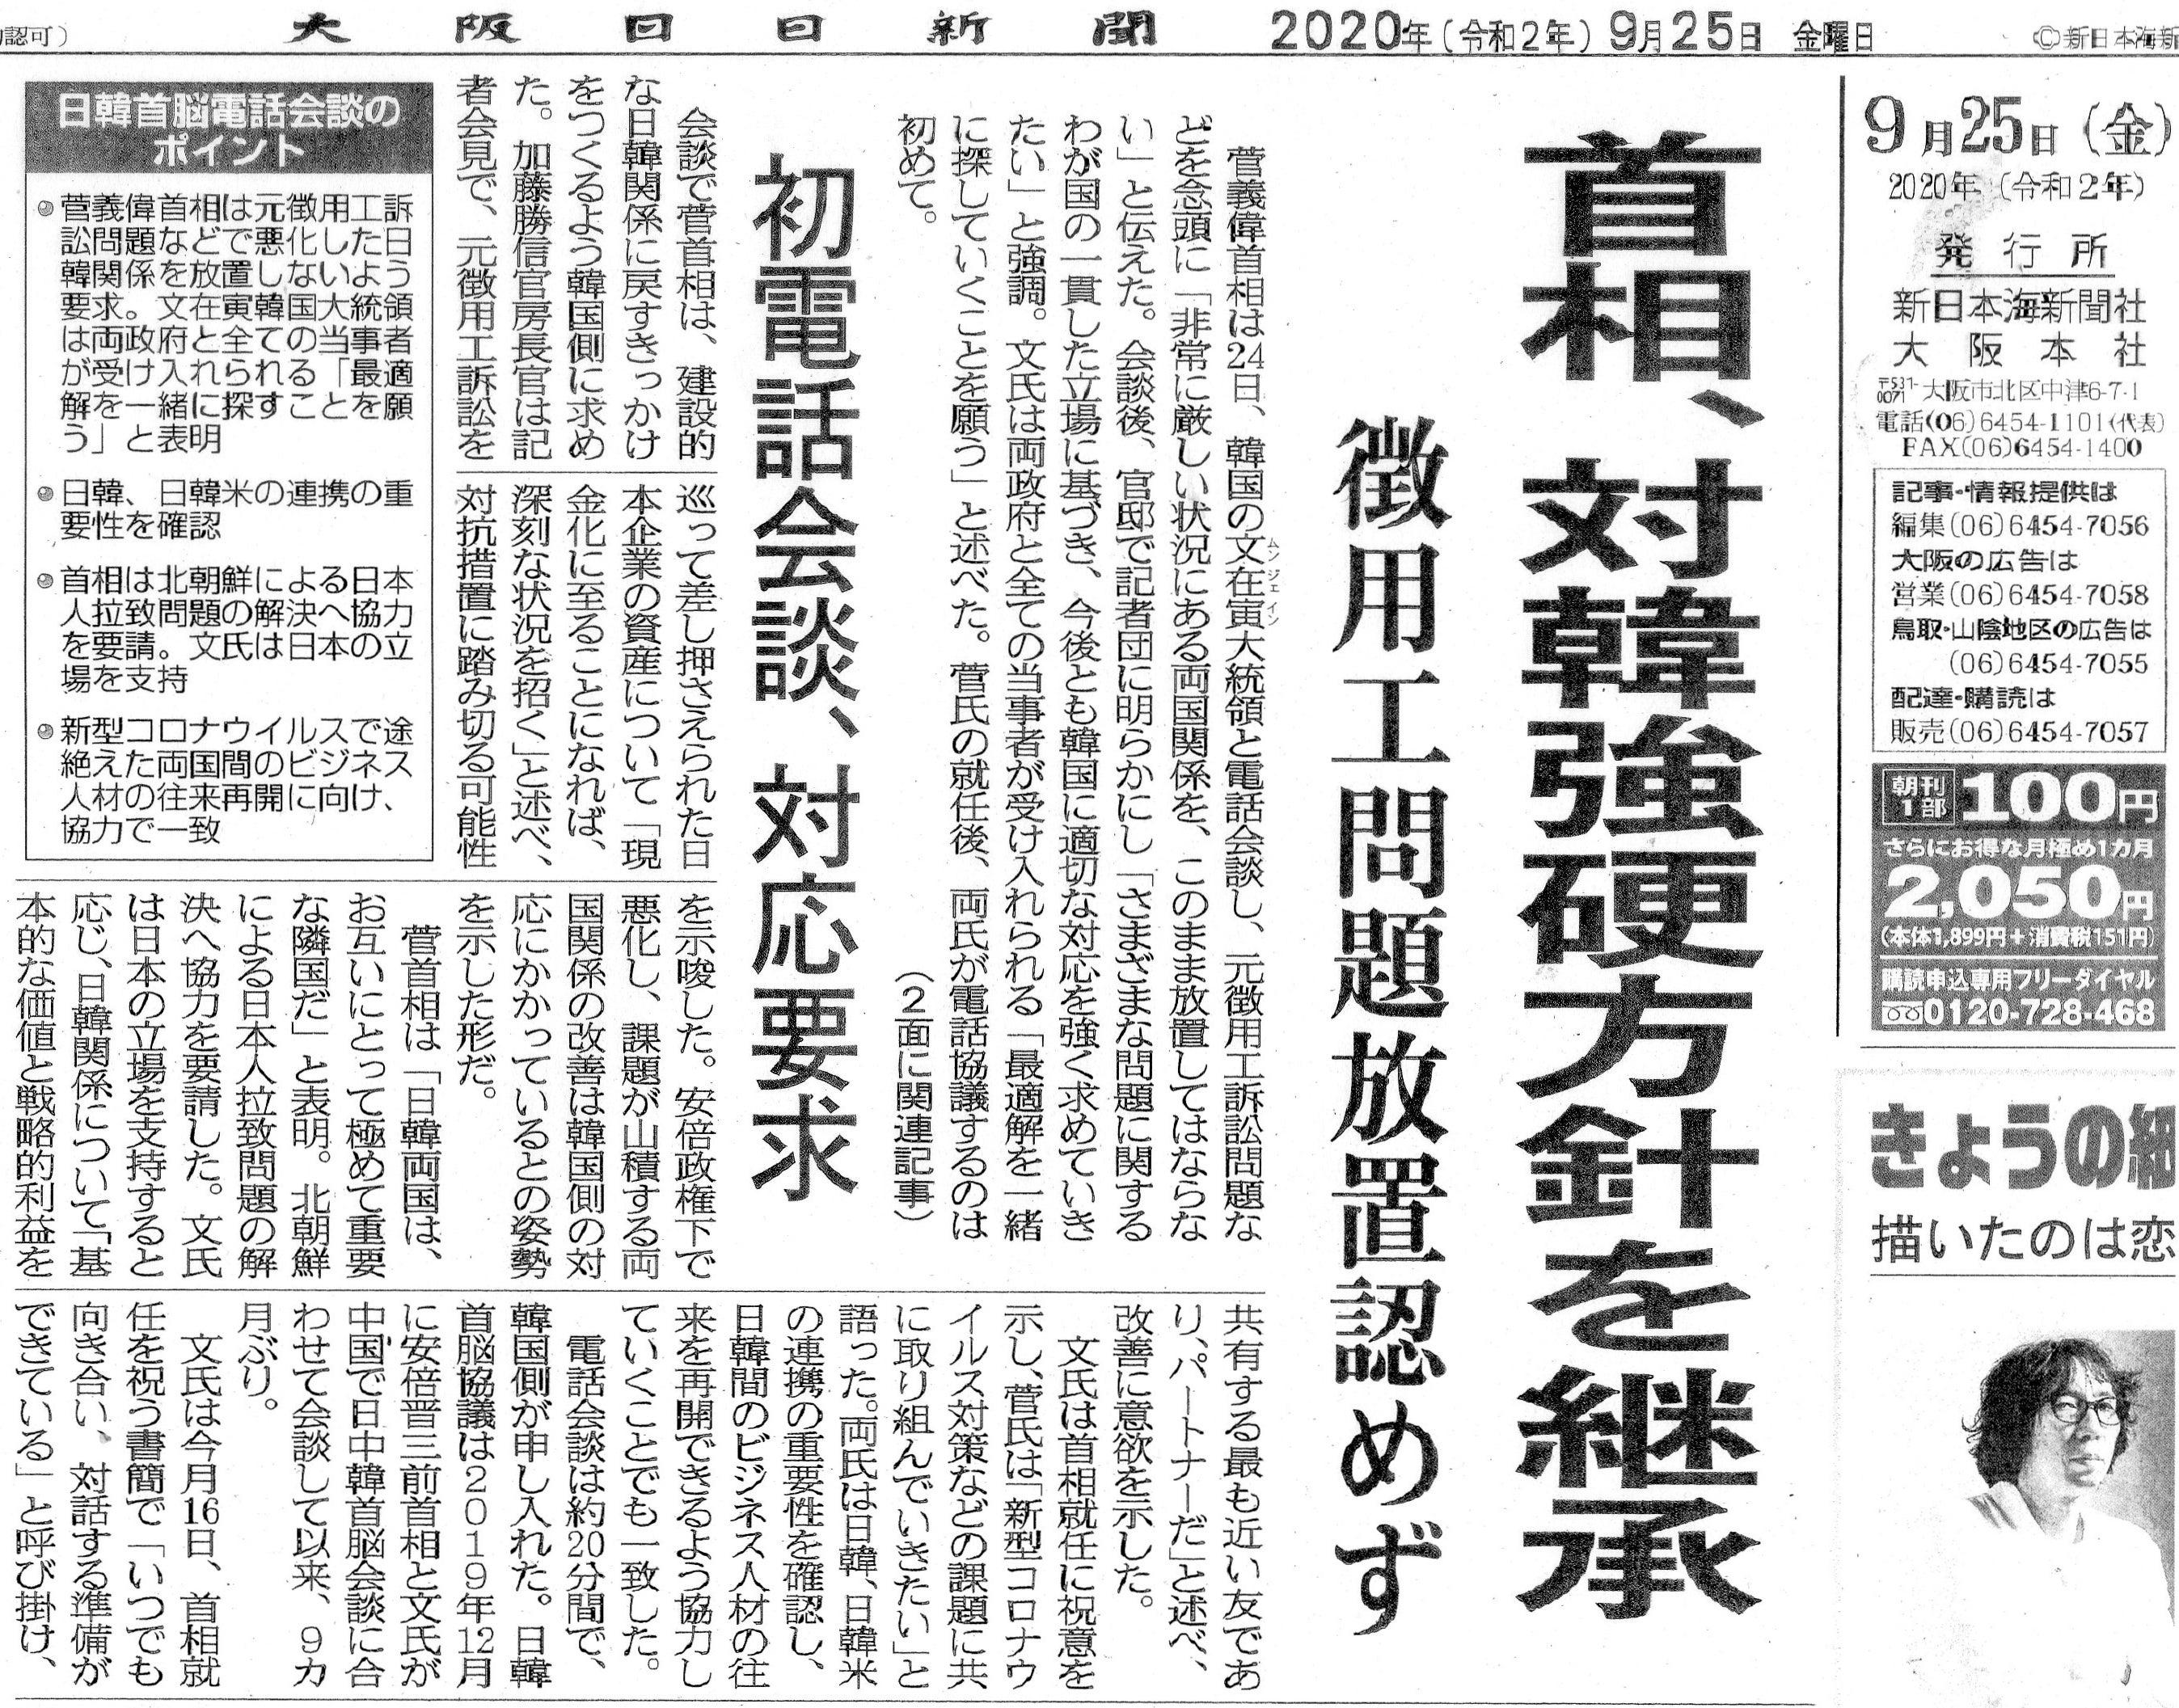 菅首相韓国に強硬方針|大阪のうめ吉|note